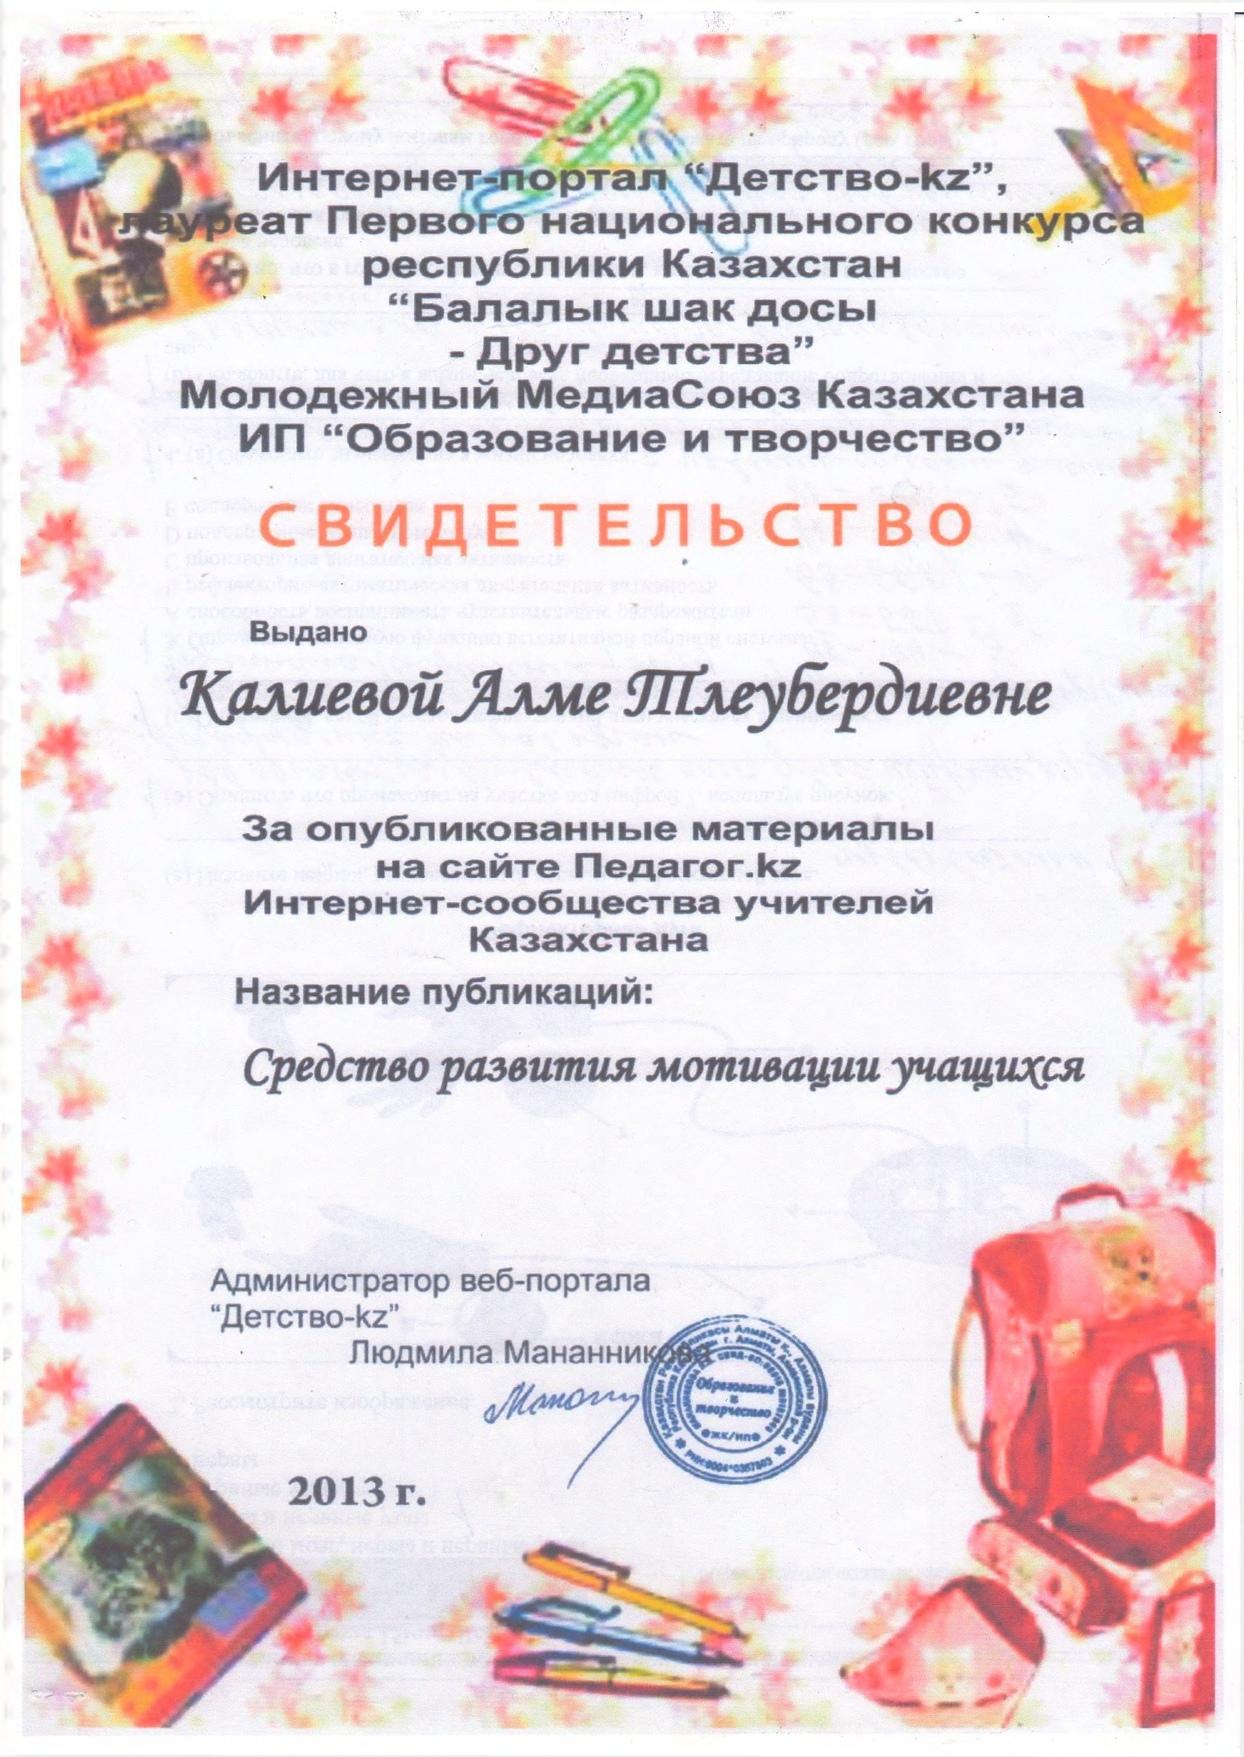 Алма Калиева Тлеубердиевна